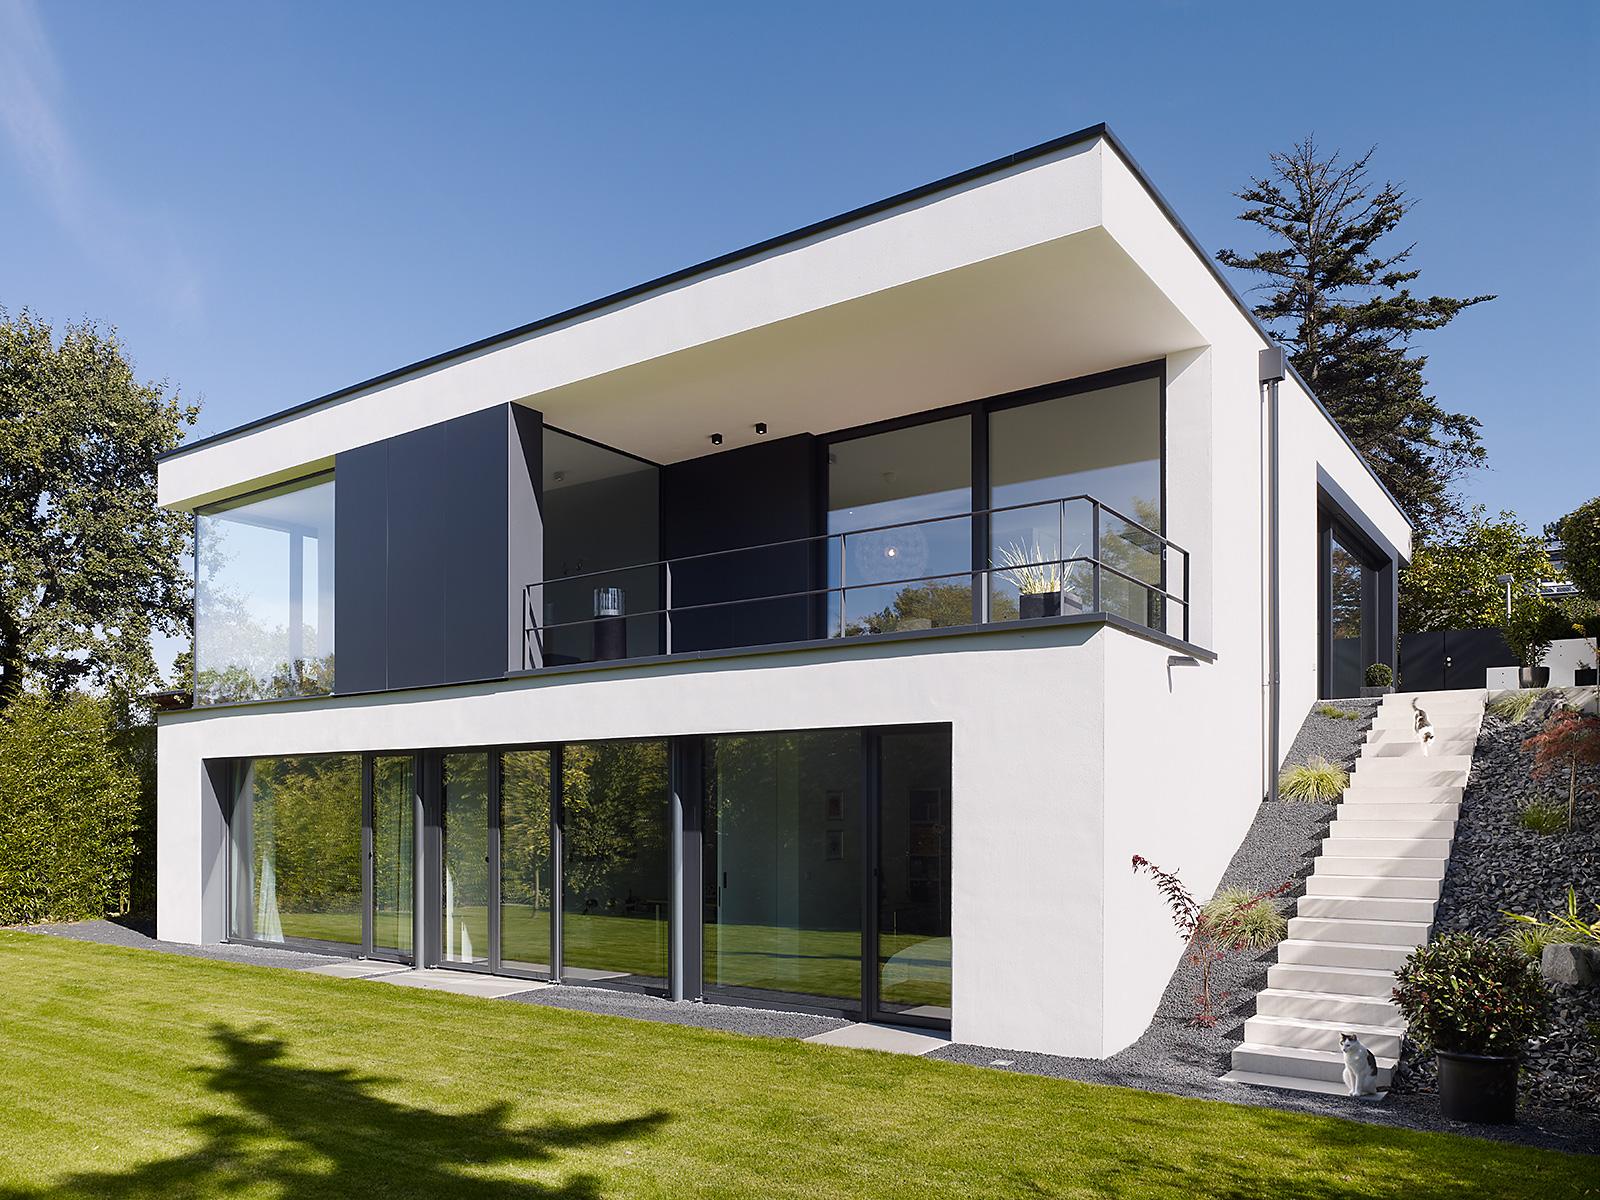 Den Design Einfamilienhaus Am Hang Nicole Zimmermann Fotodesign